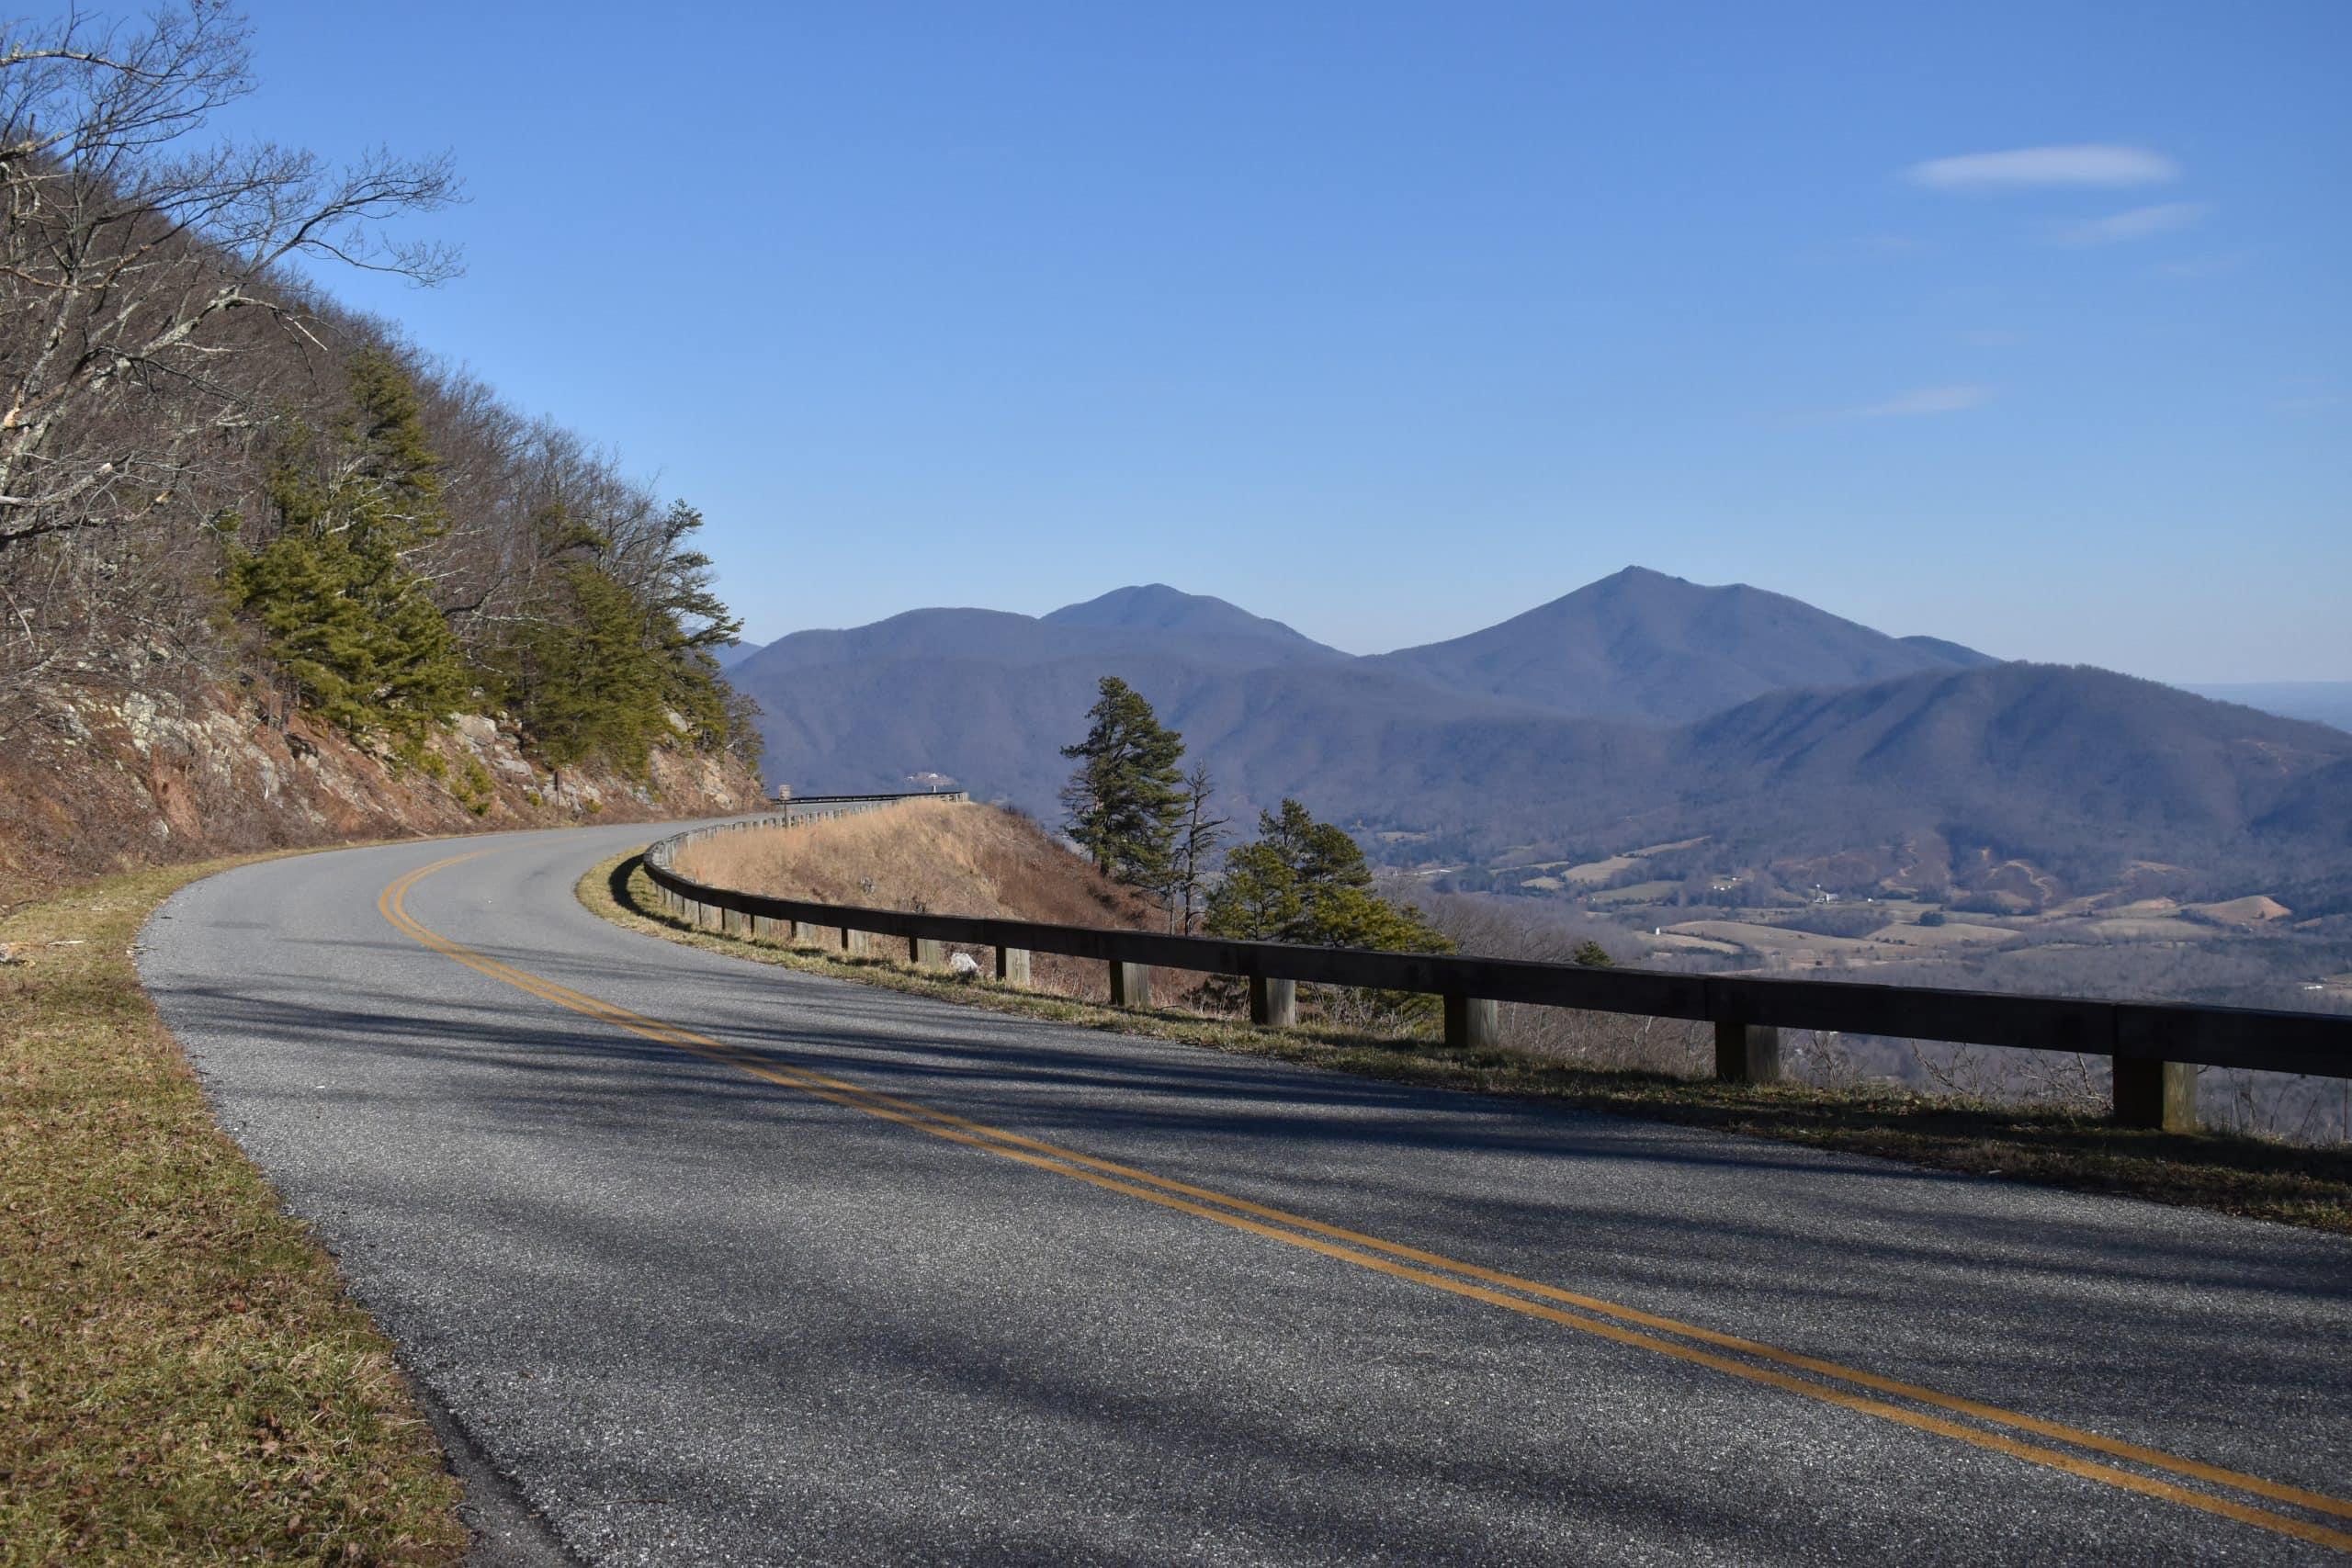 Road Trips From Roanoke - Peaks of Otter - Blue Ridge Parkway